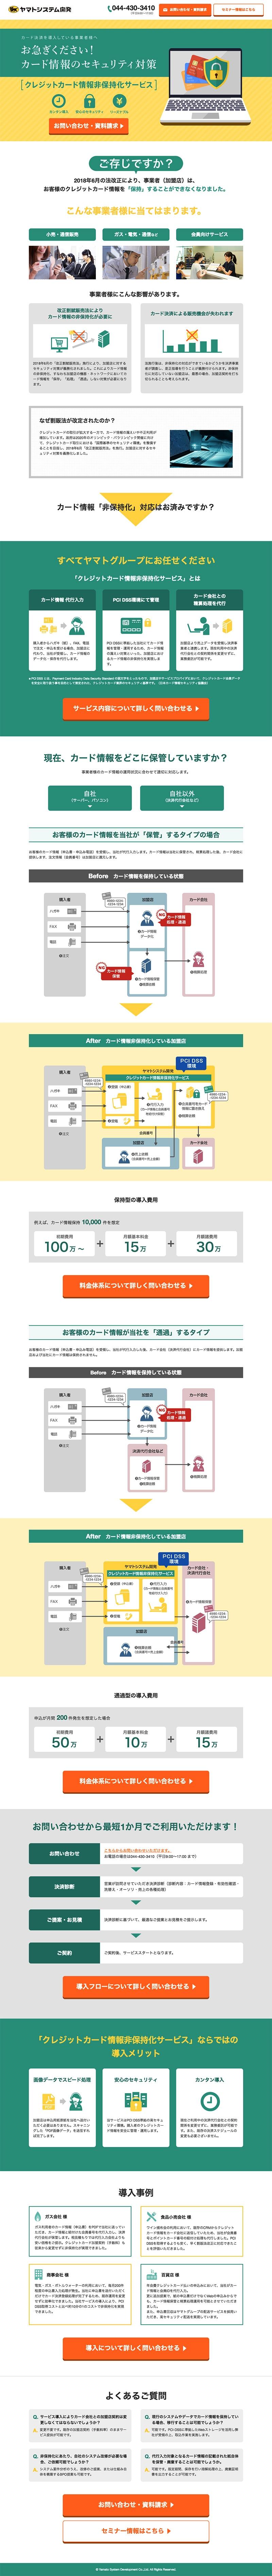 ヤマトシステム開発株式会社様・Webサイト